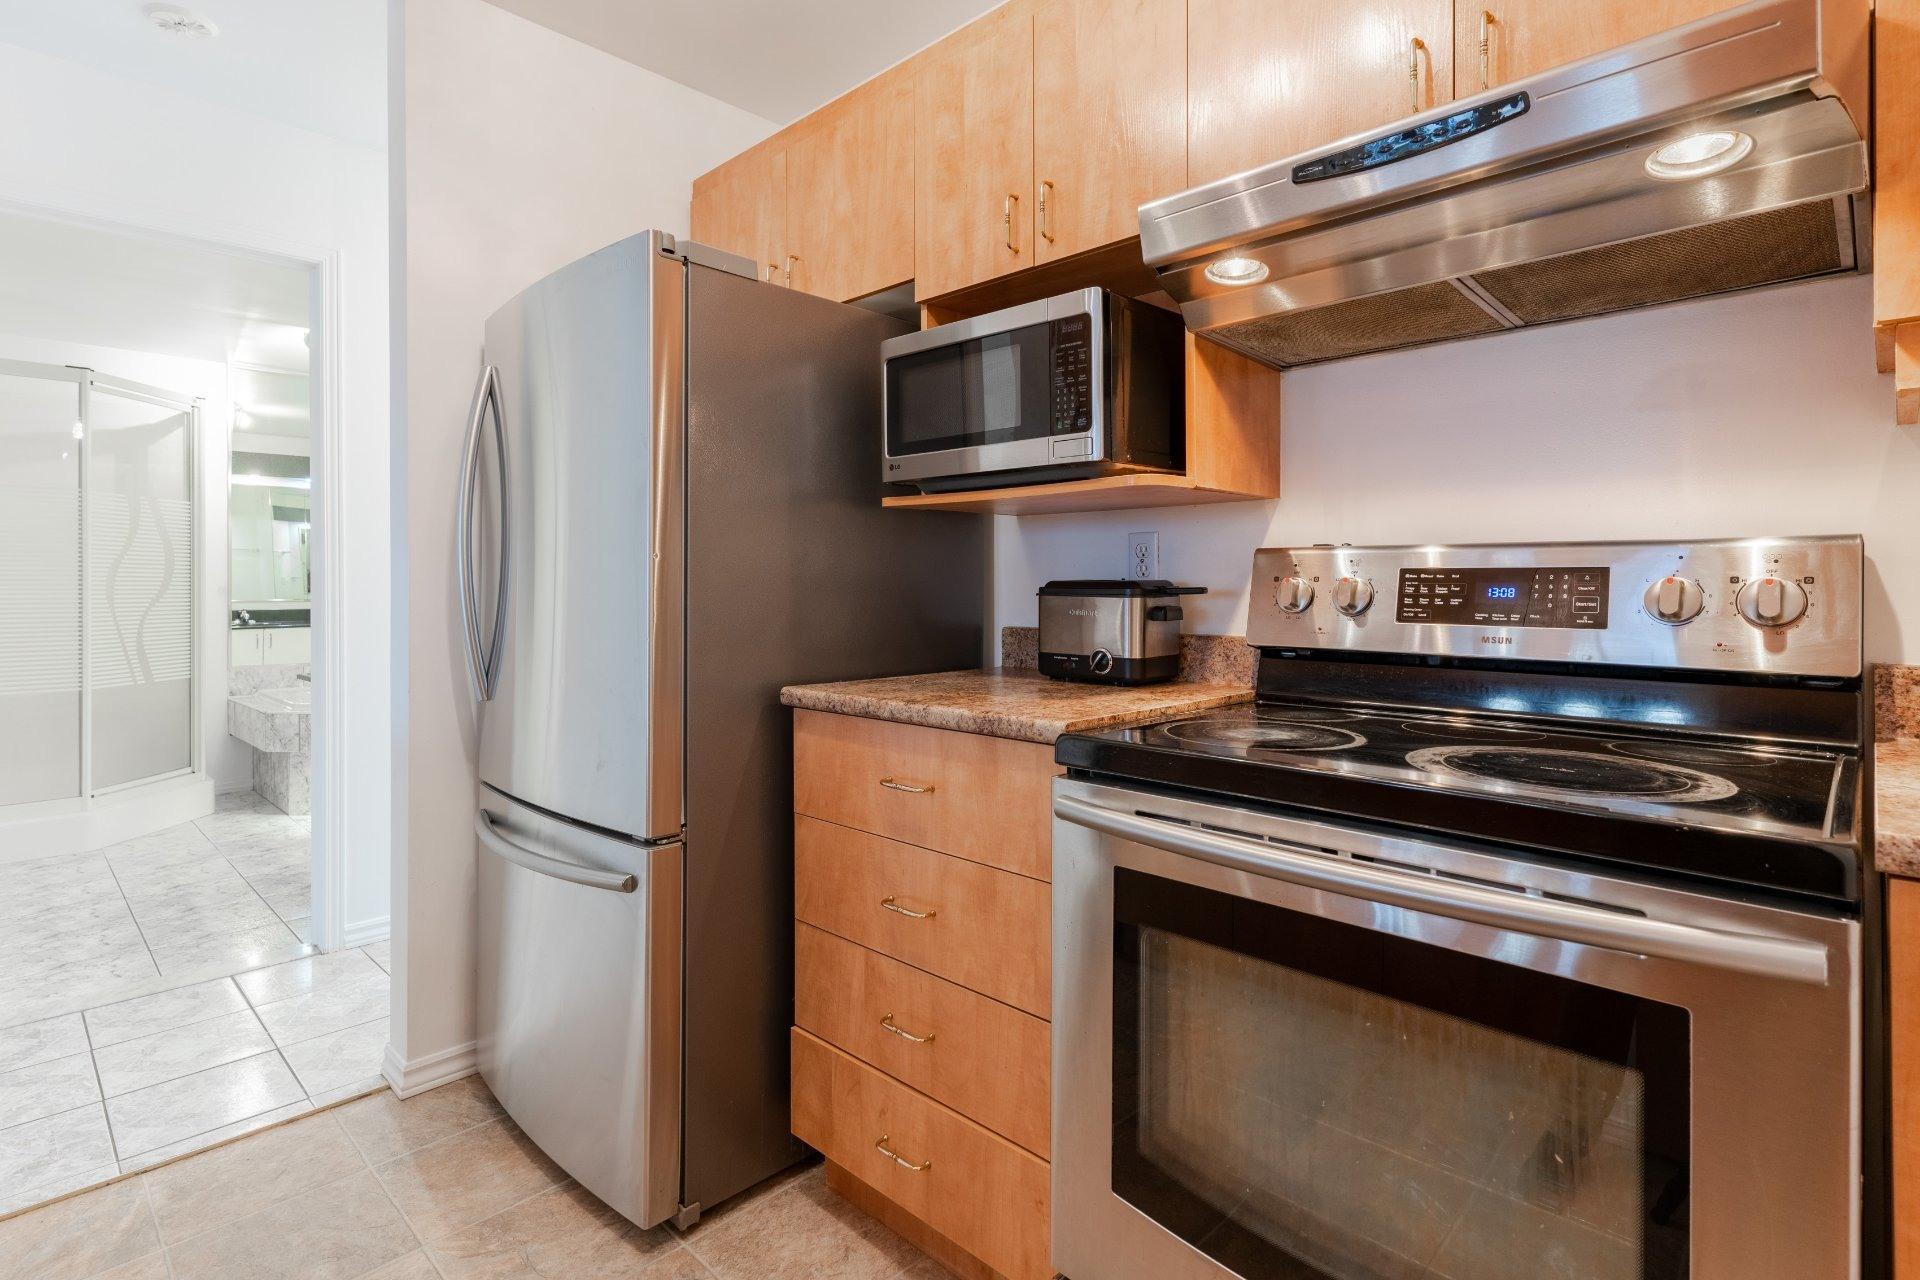 image 6 - Appartement À vendre Saint-Léonard Montréal  - 6 pièces